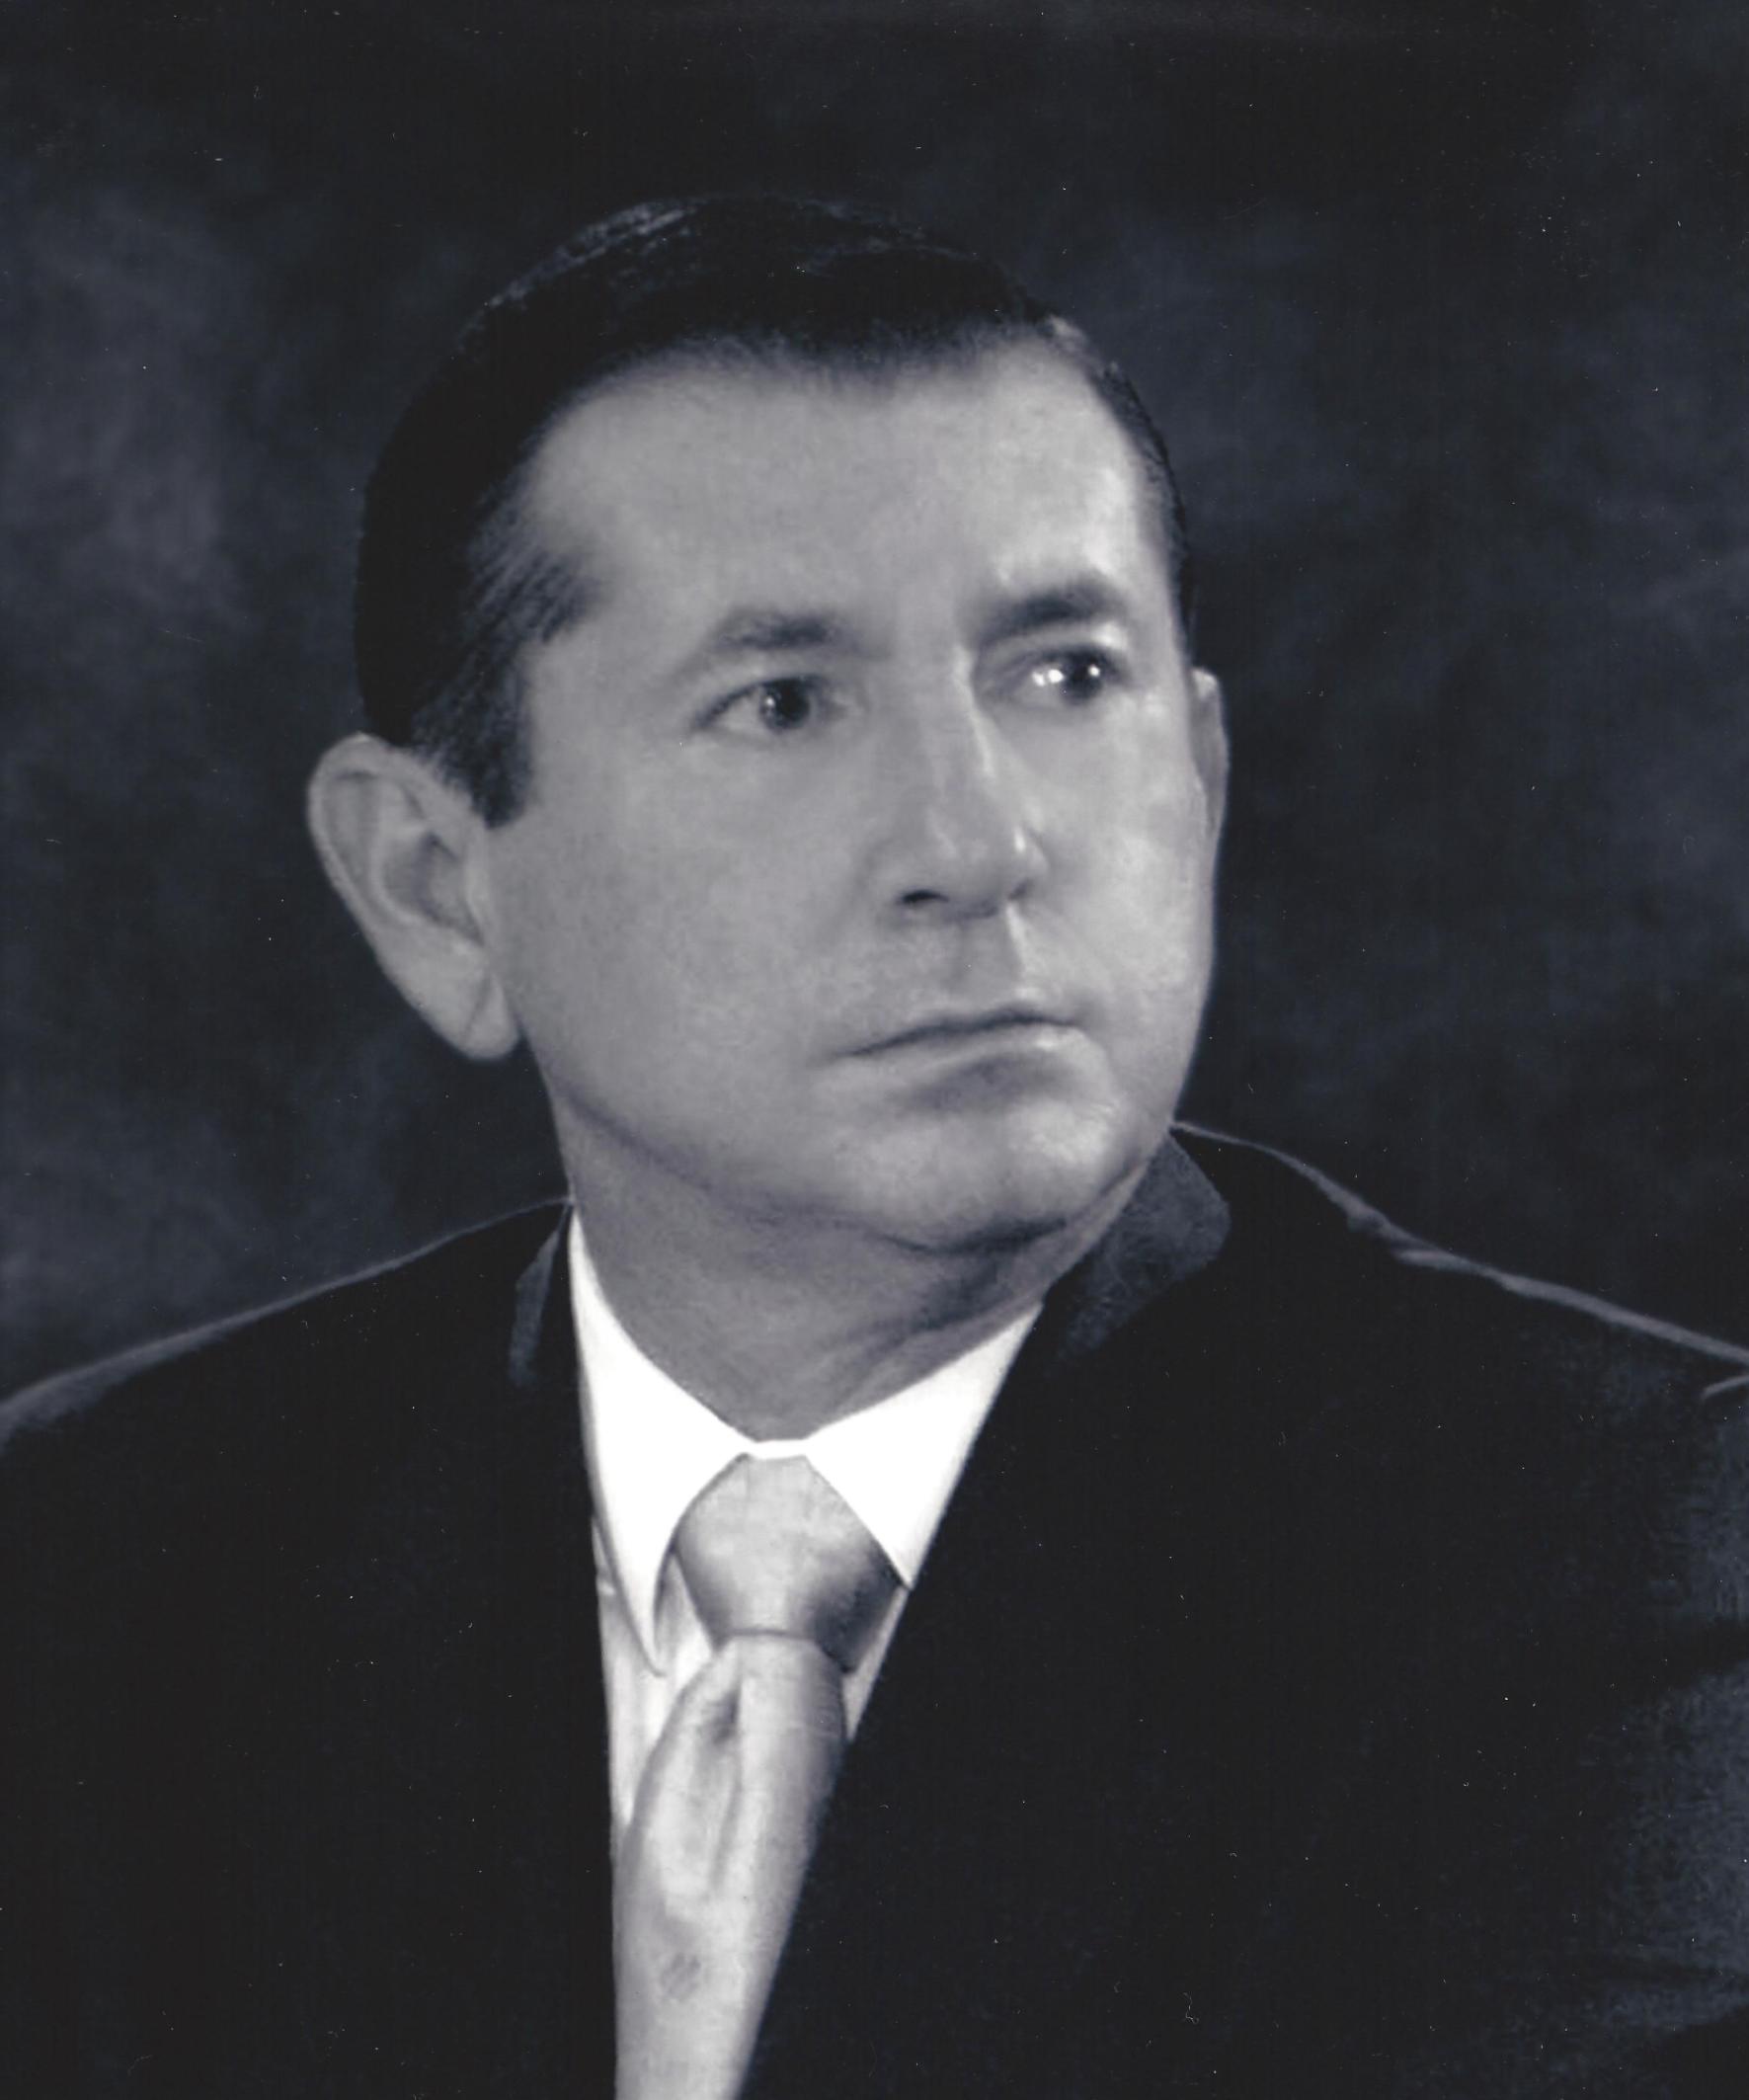 C.P. CARLOS ZEFERINO TORREBLANCA GALINDO